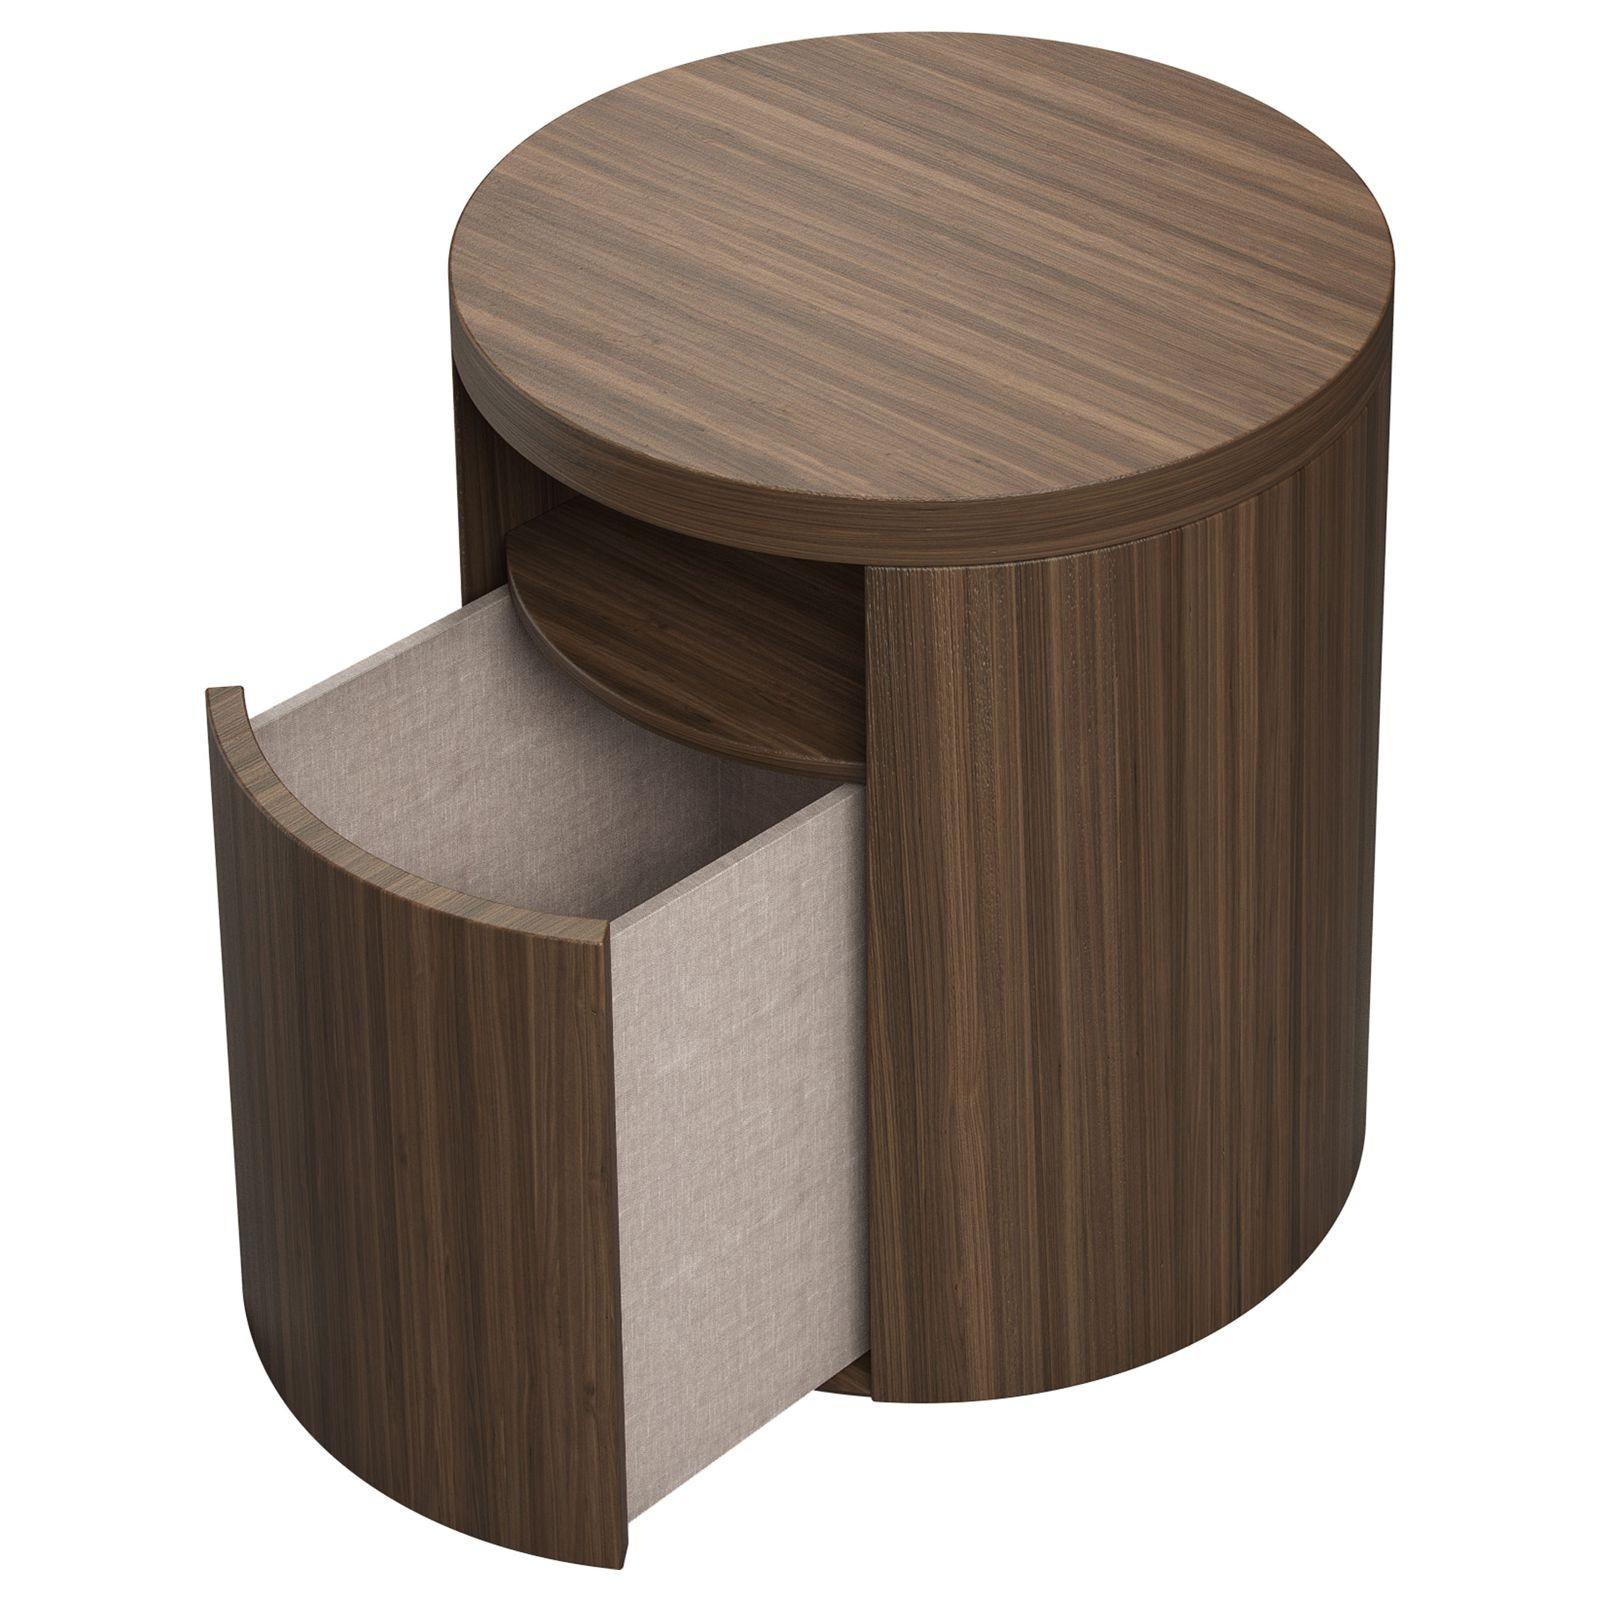 Modloft Bookcase   Modloft Platform Bed   Modloft